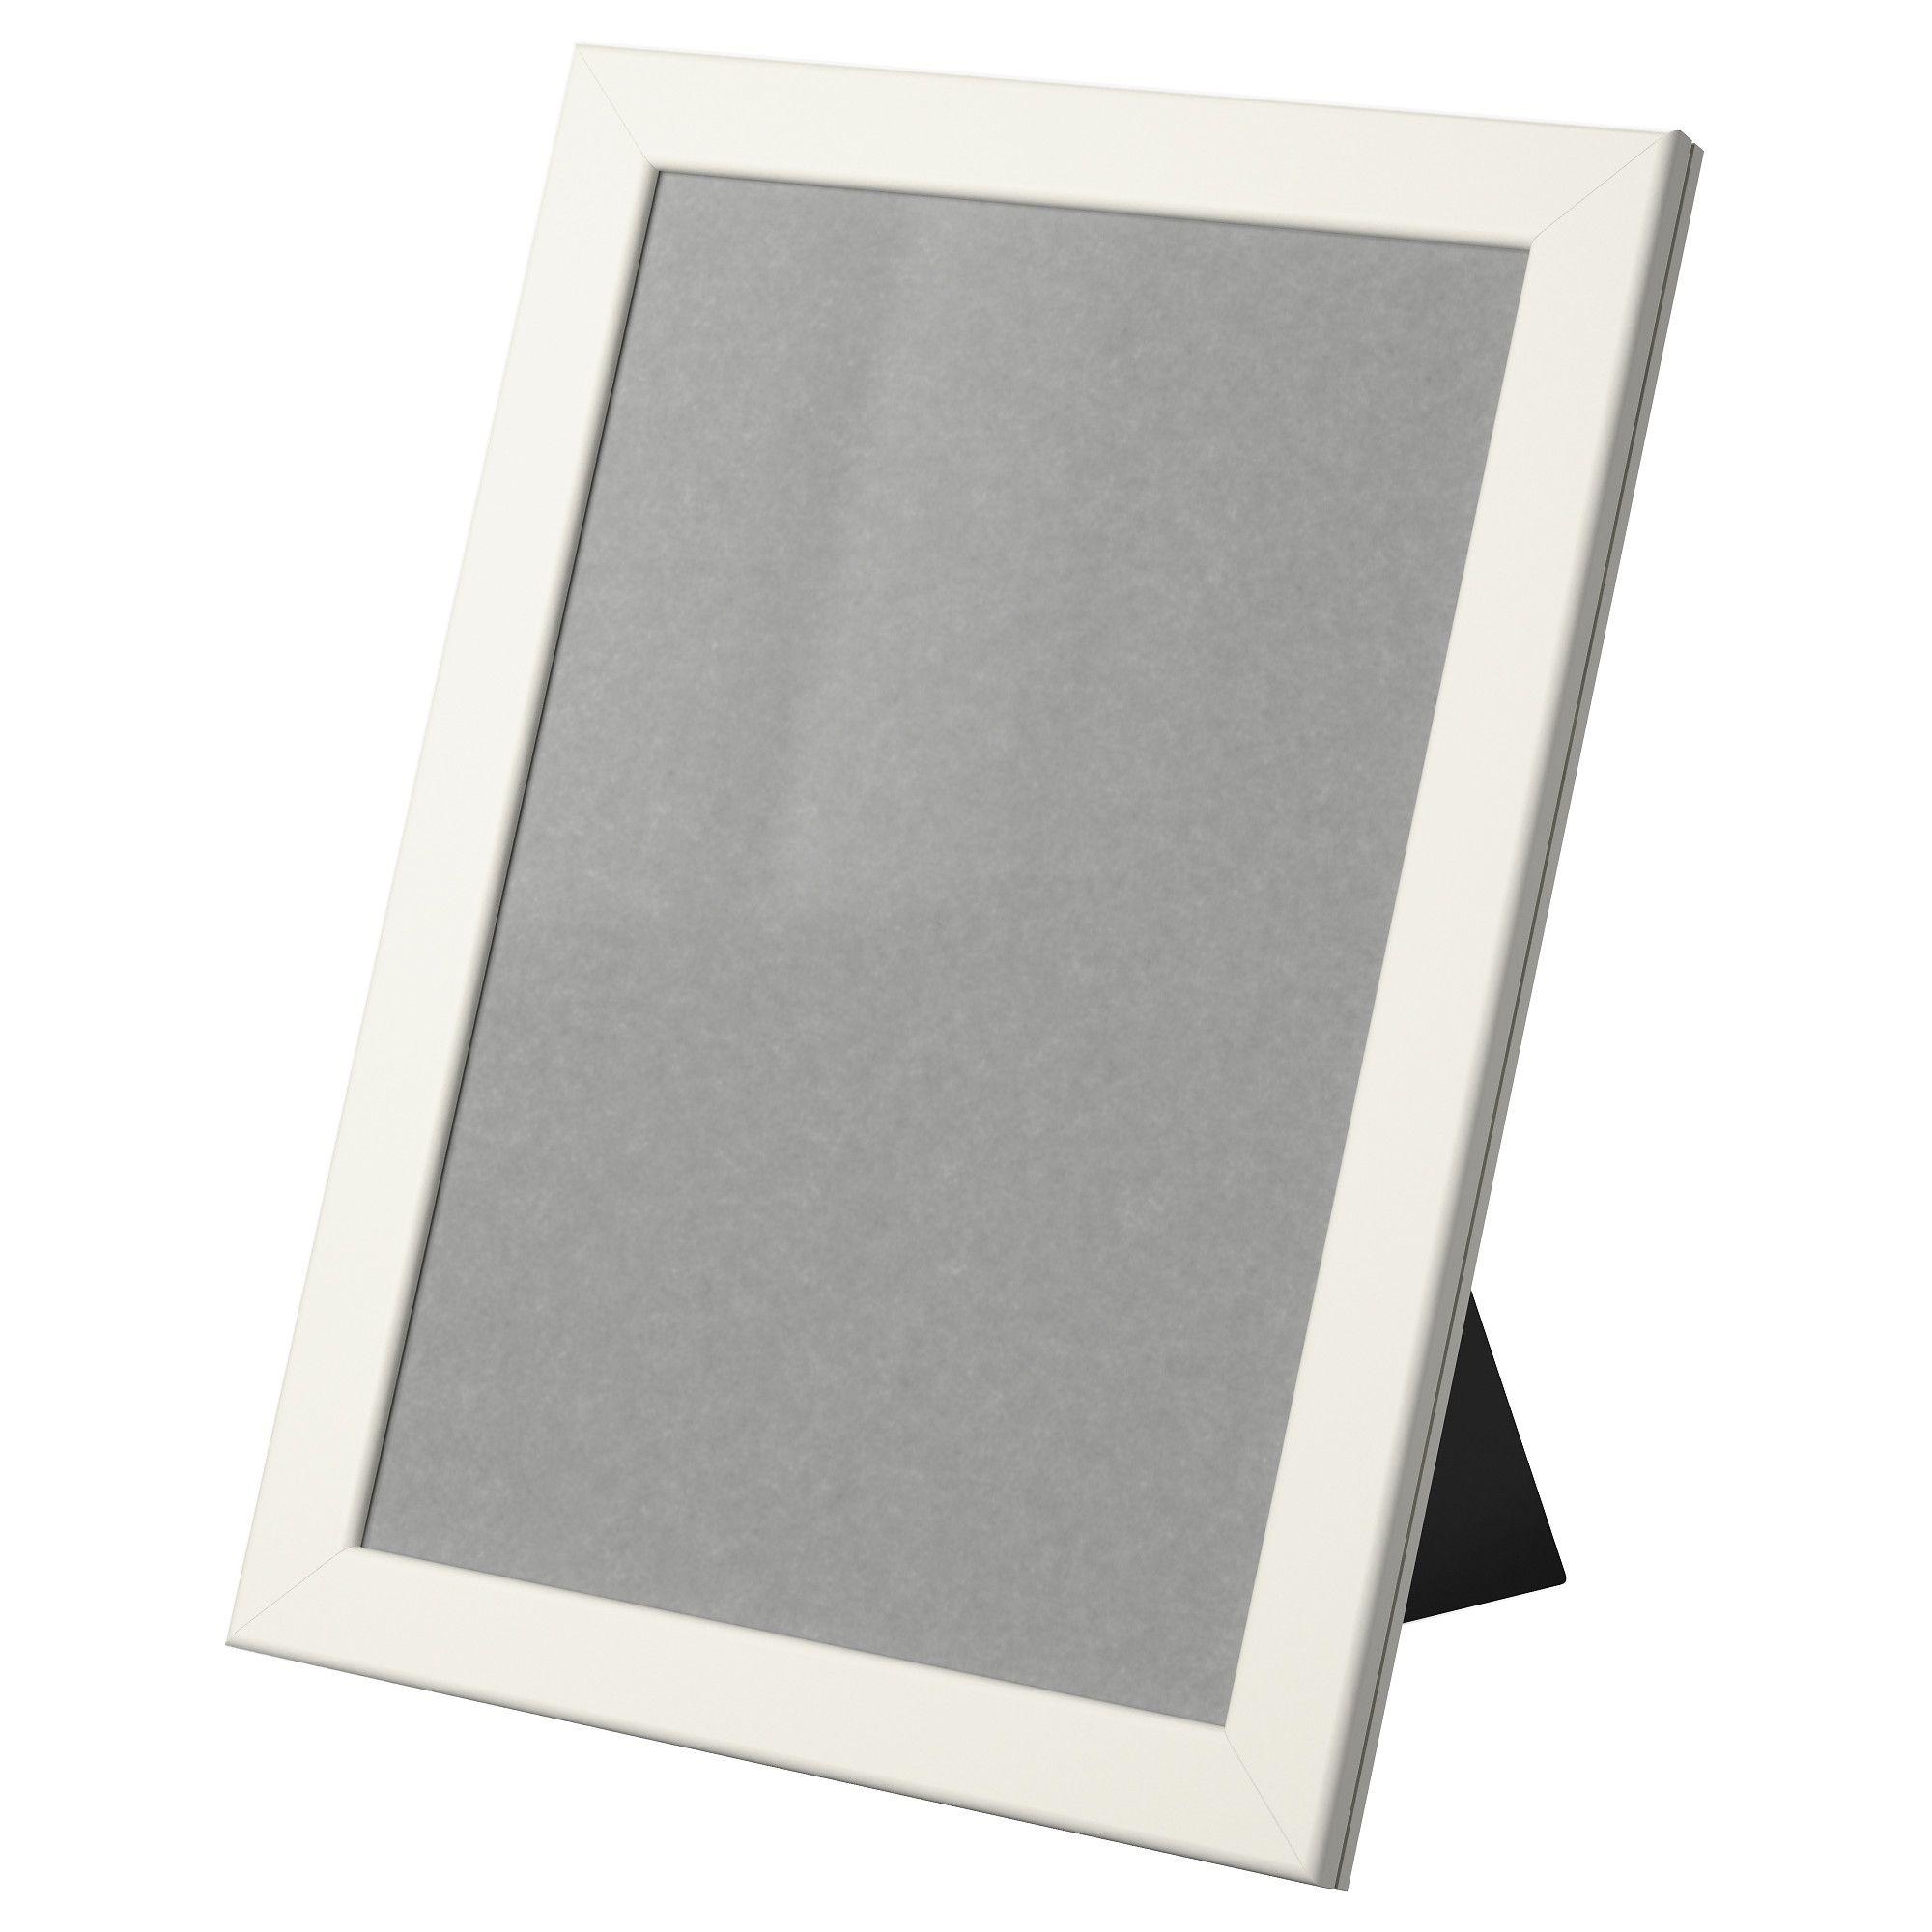 HEMMINGSBO Front opening picture frame, white   Pinterest ...